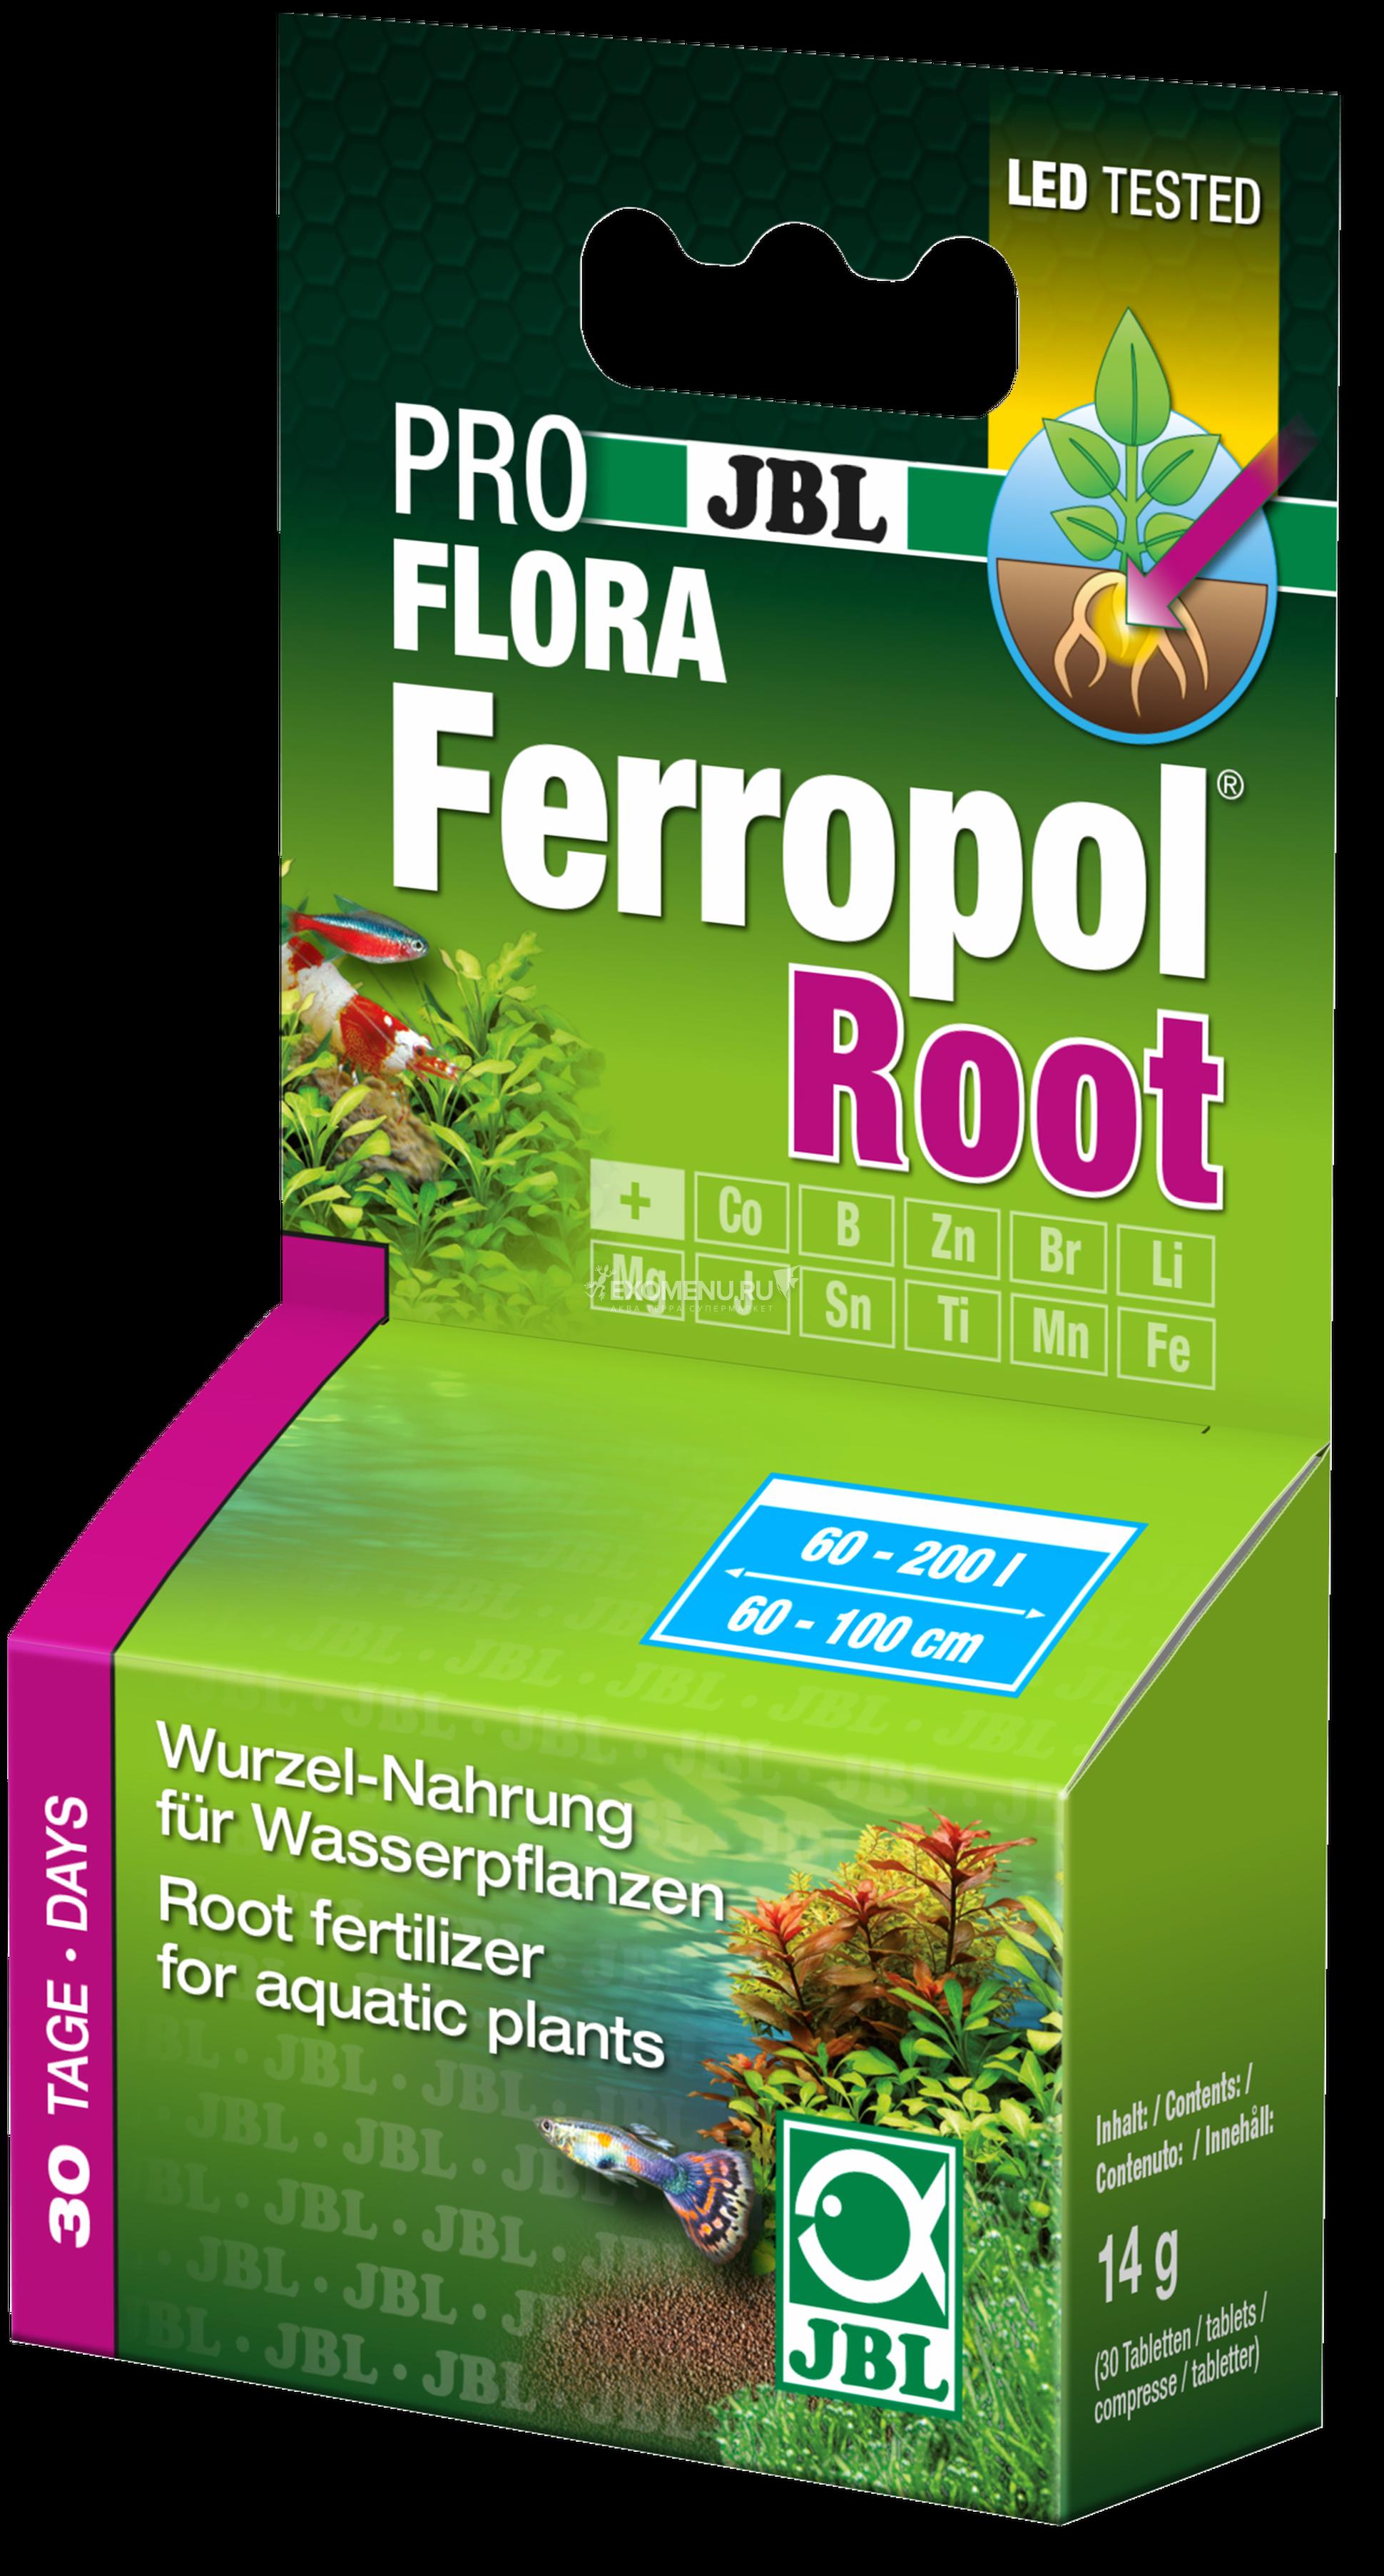 JBL Ferropol Root - Удобрение в форме таблеток для сильных корней аквариумных растений, 30 табл. фото